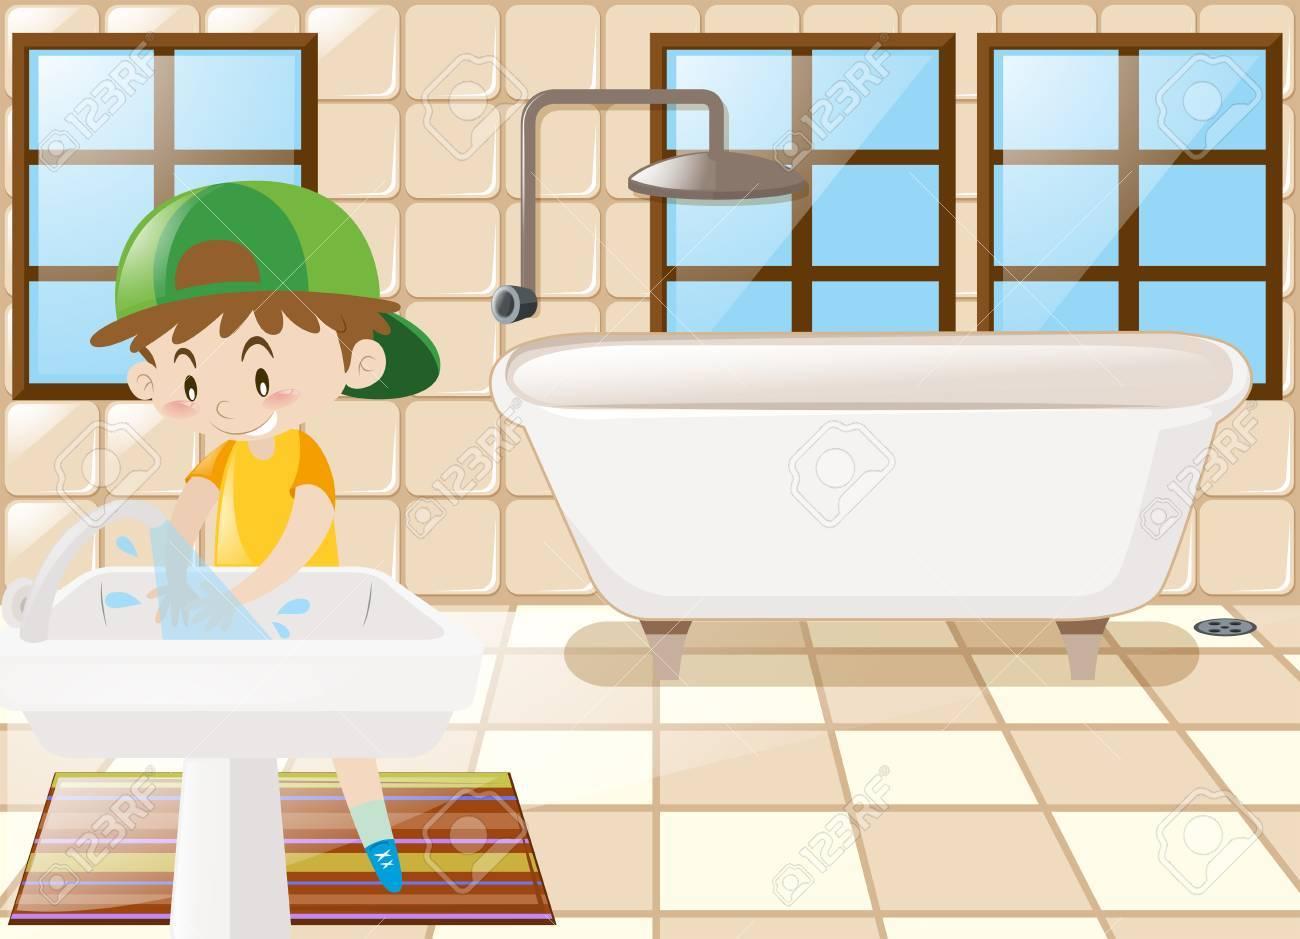 Junge Händewaschen In Toilette Illustration Lizenzfrei Nutzbare